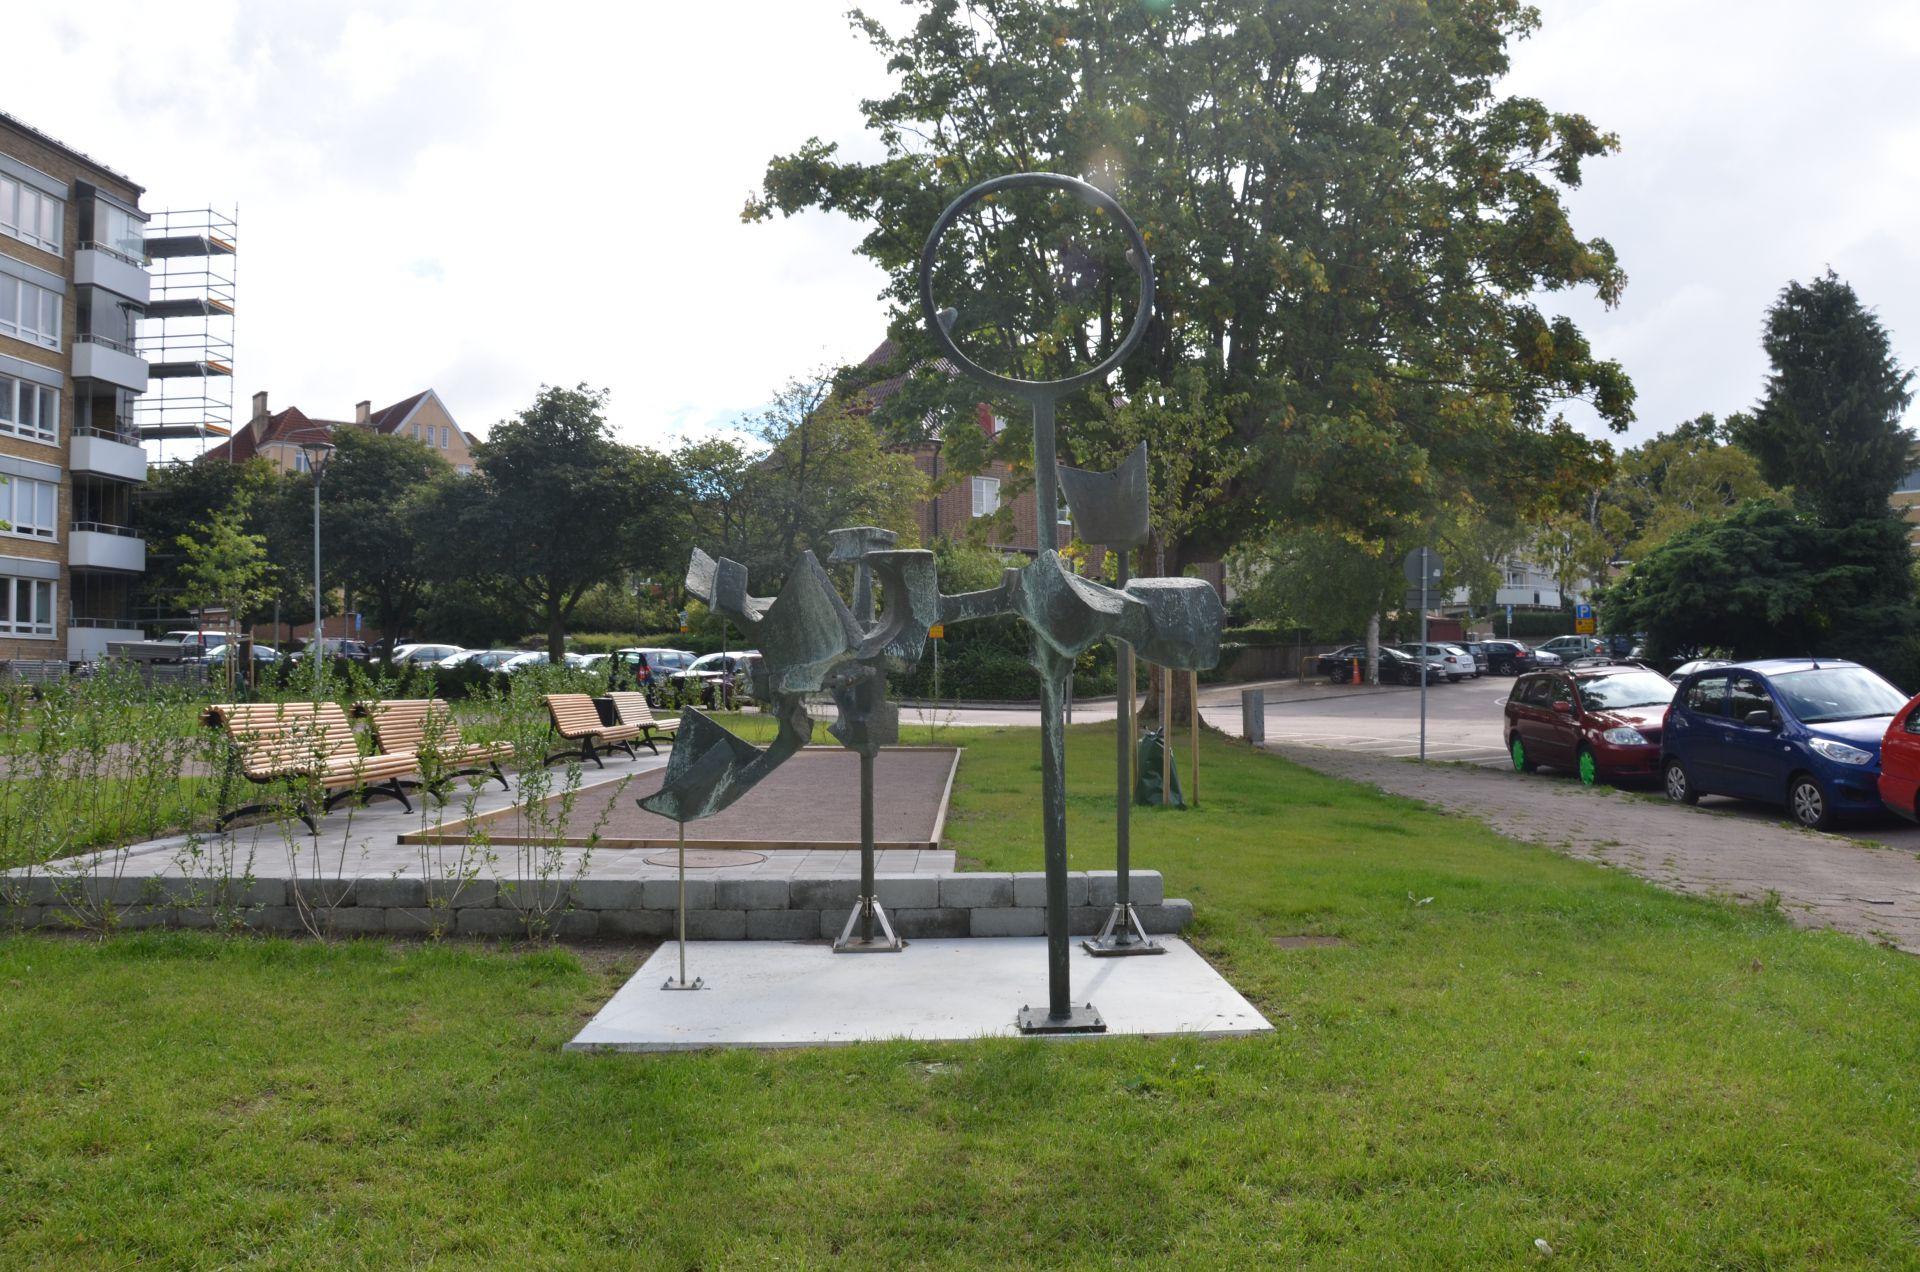 Bjäre Entreprenad utför en totalentreprenad utav parkhusen i Helsingborg